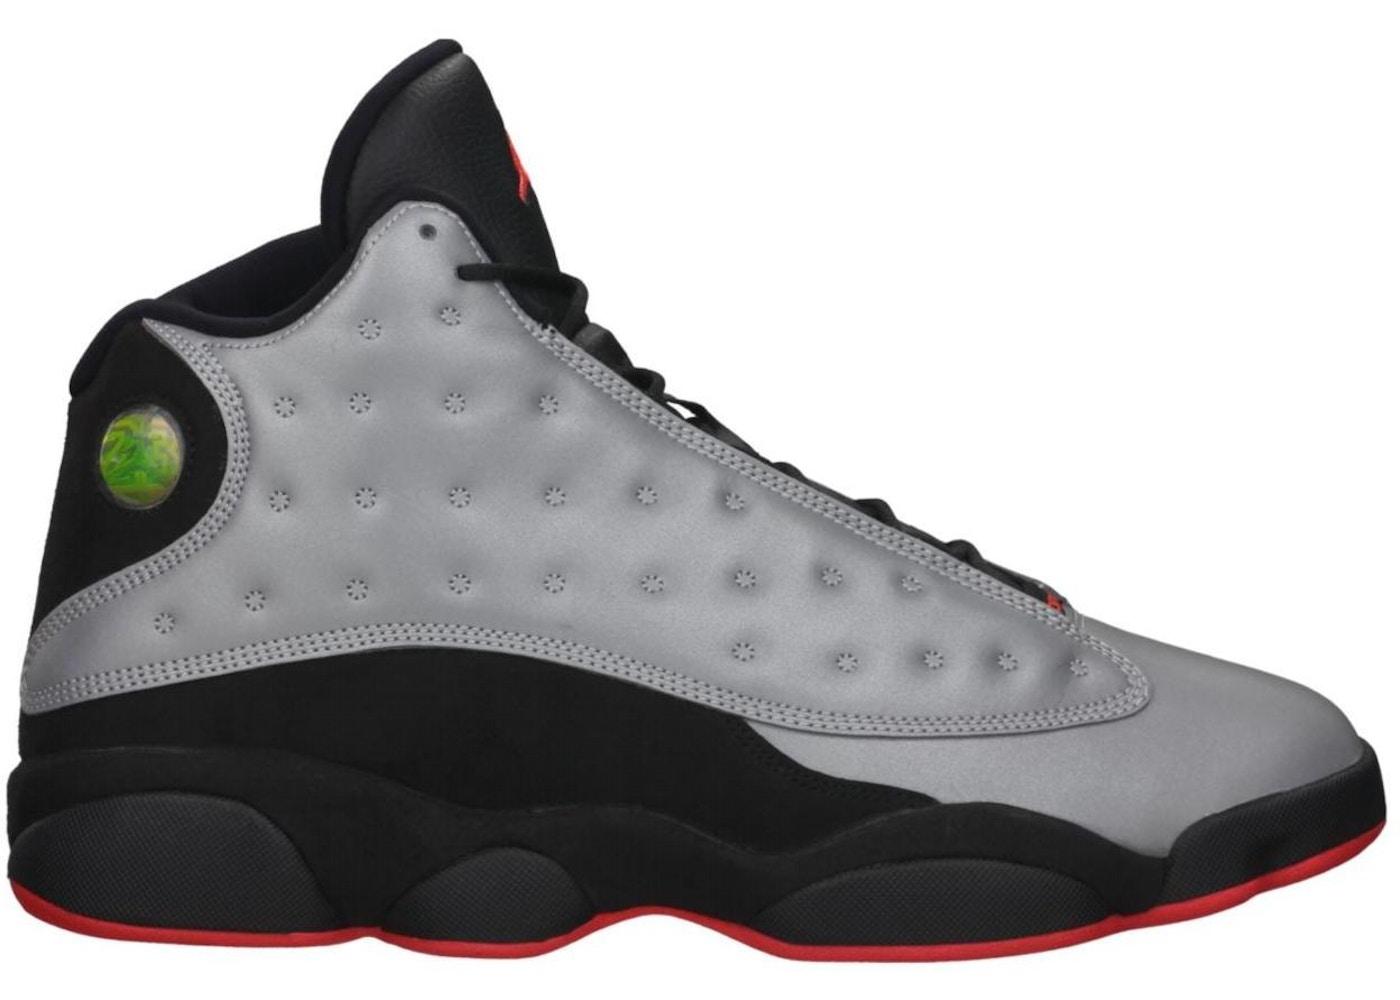 0d90b08711aec Buy Air Jordan 13 Shoes   Deadstock Sneakers